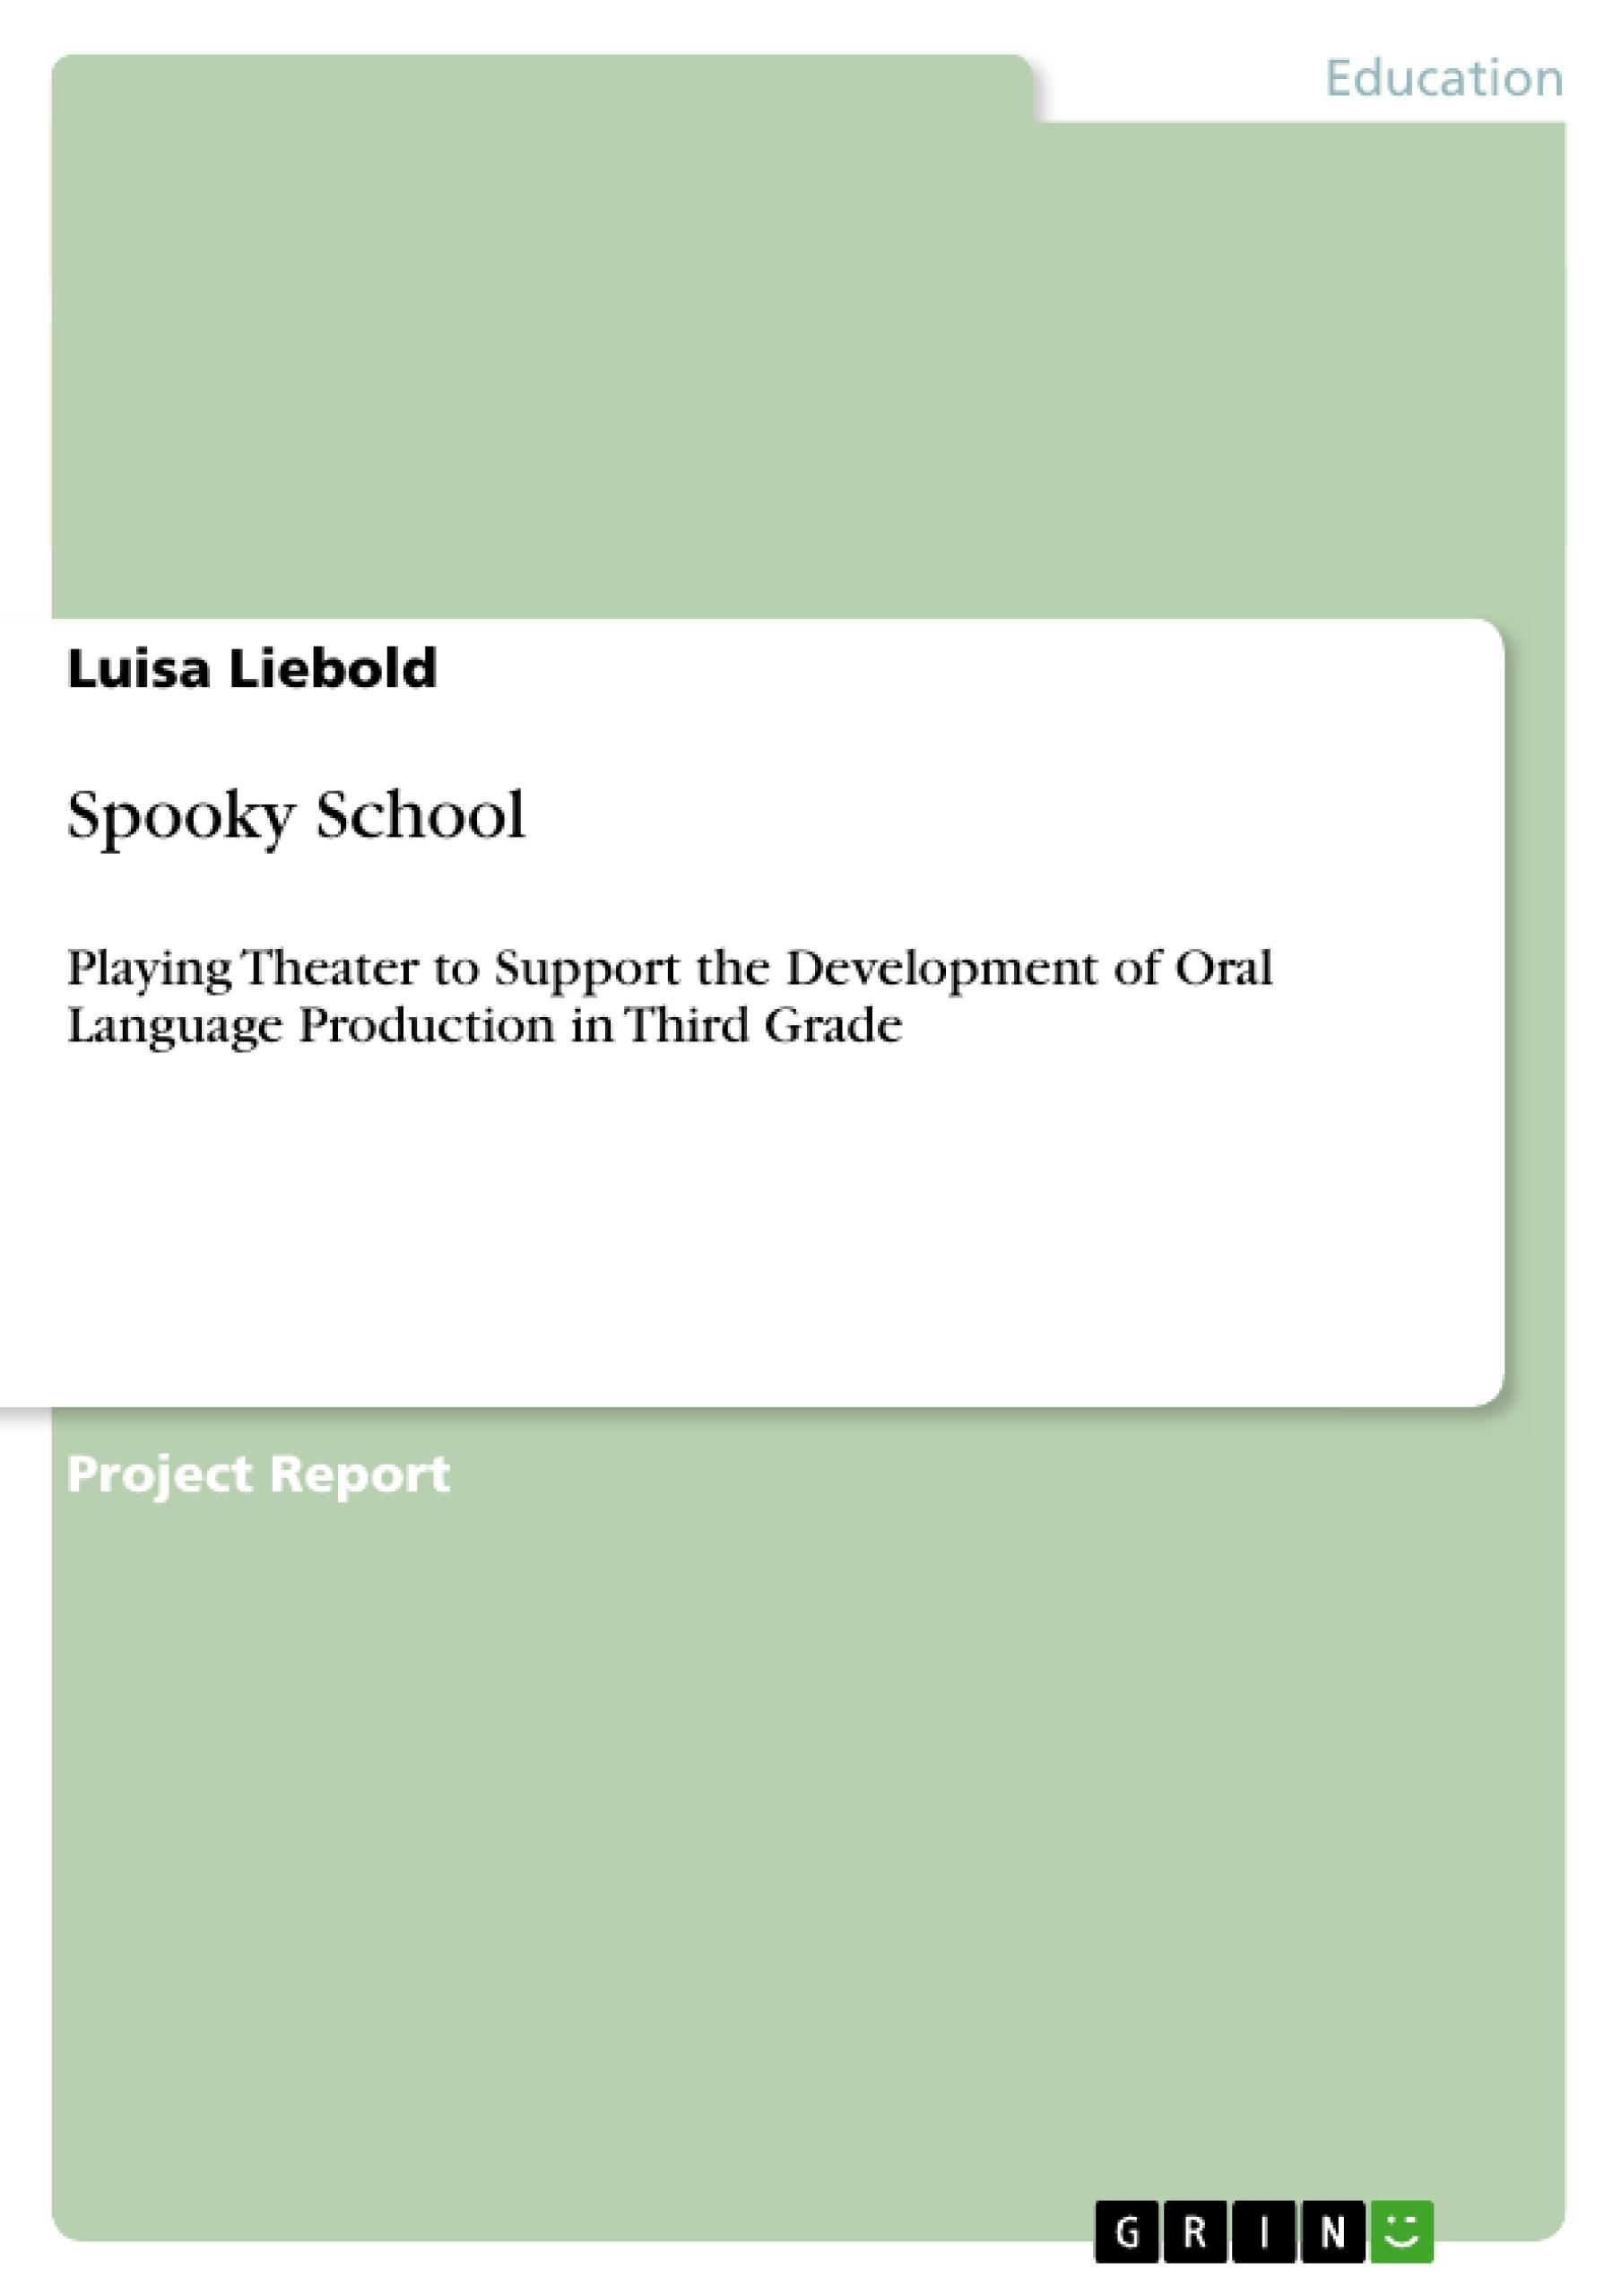 Title: Spooky School